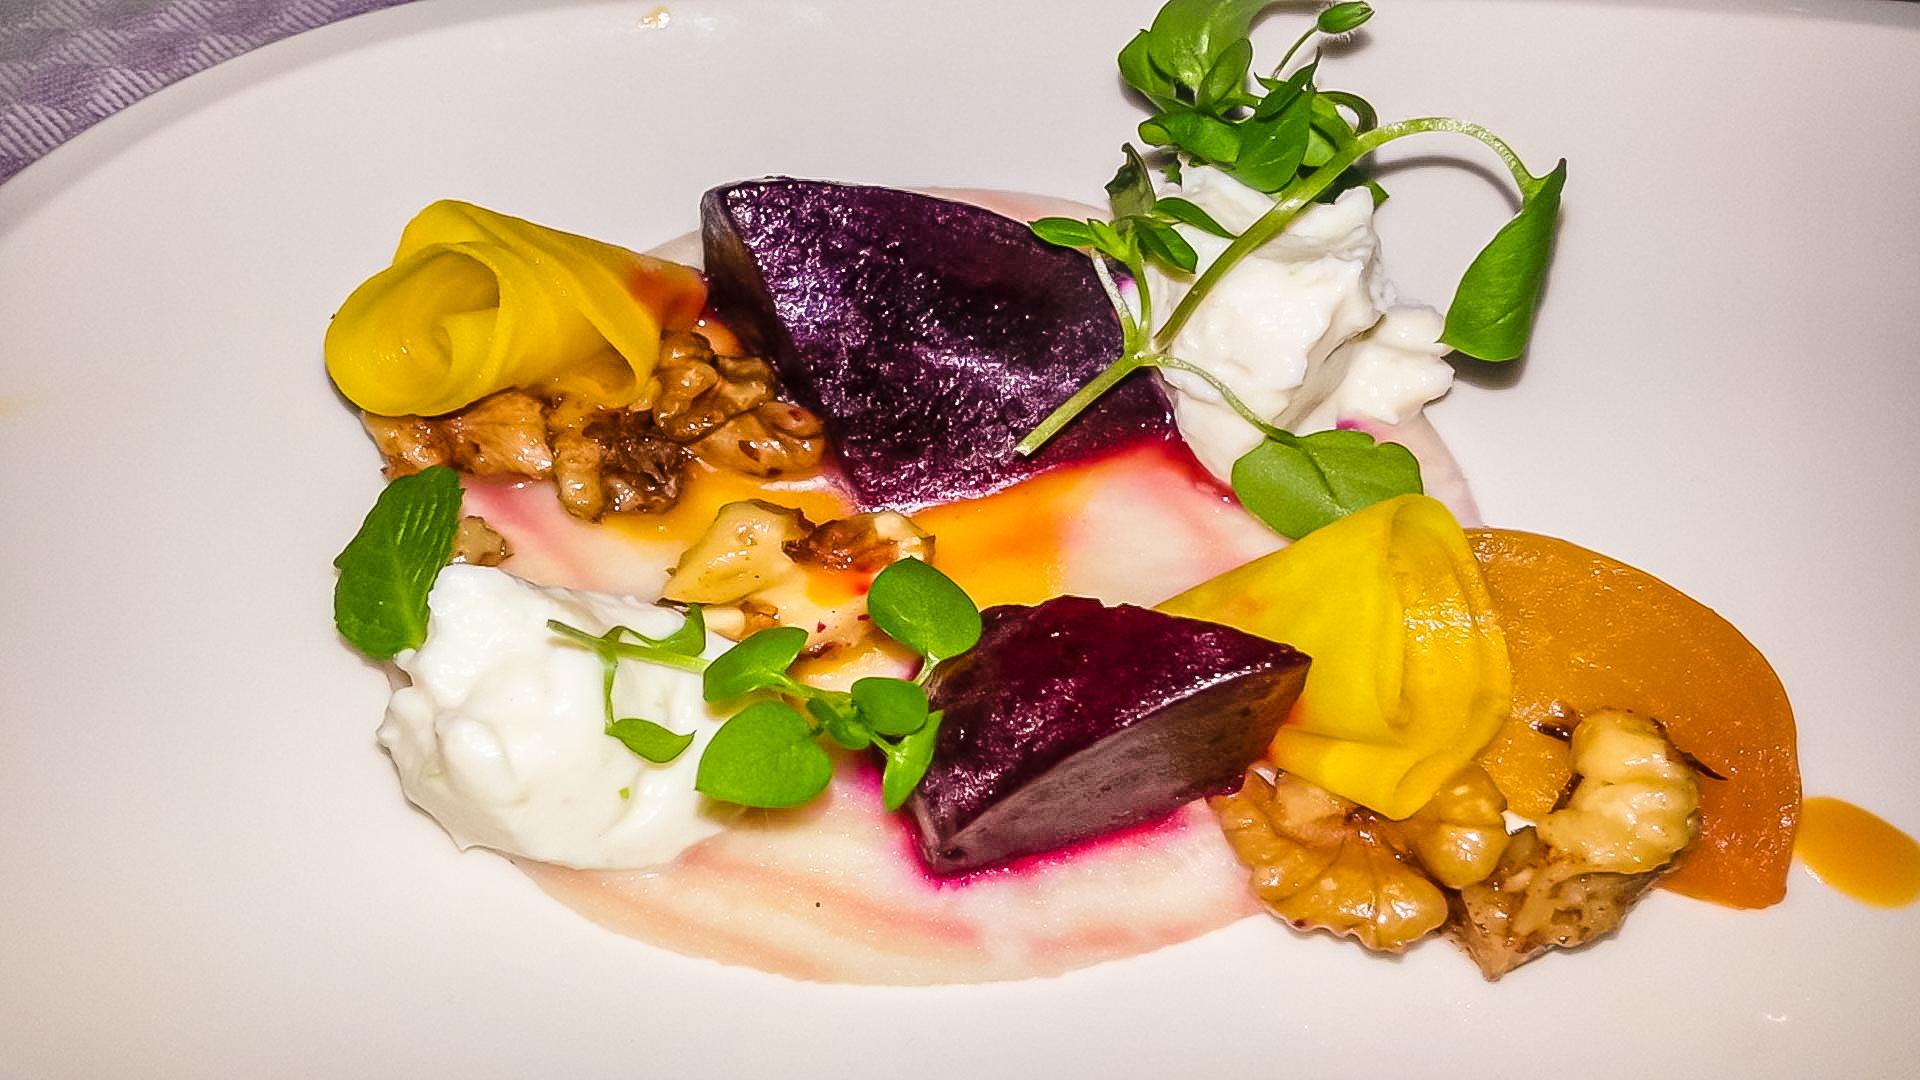 Ricotta / beets / walnuts